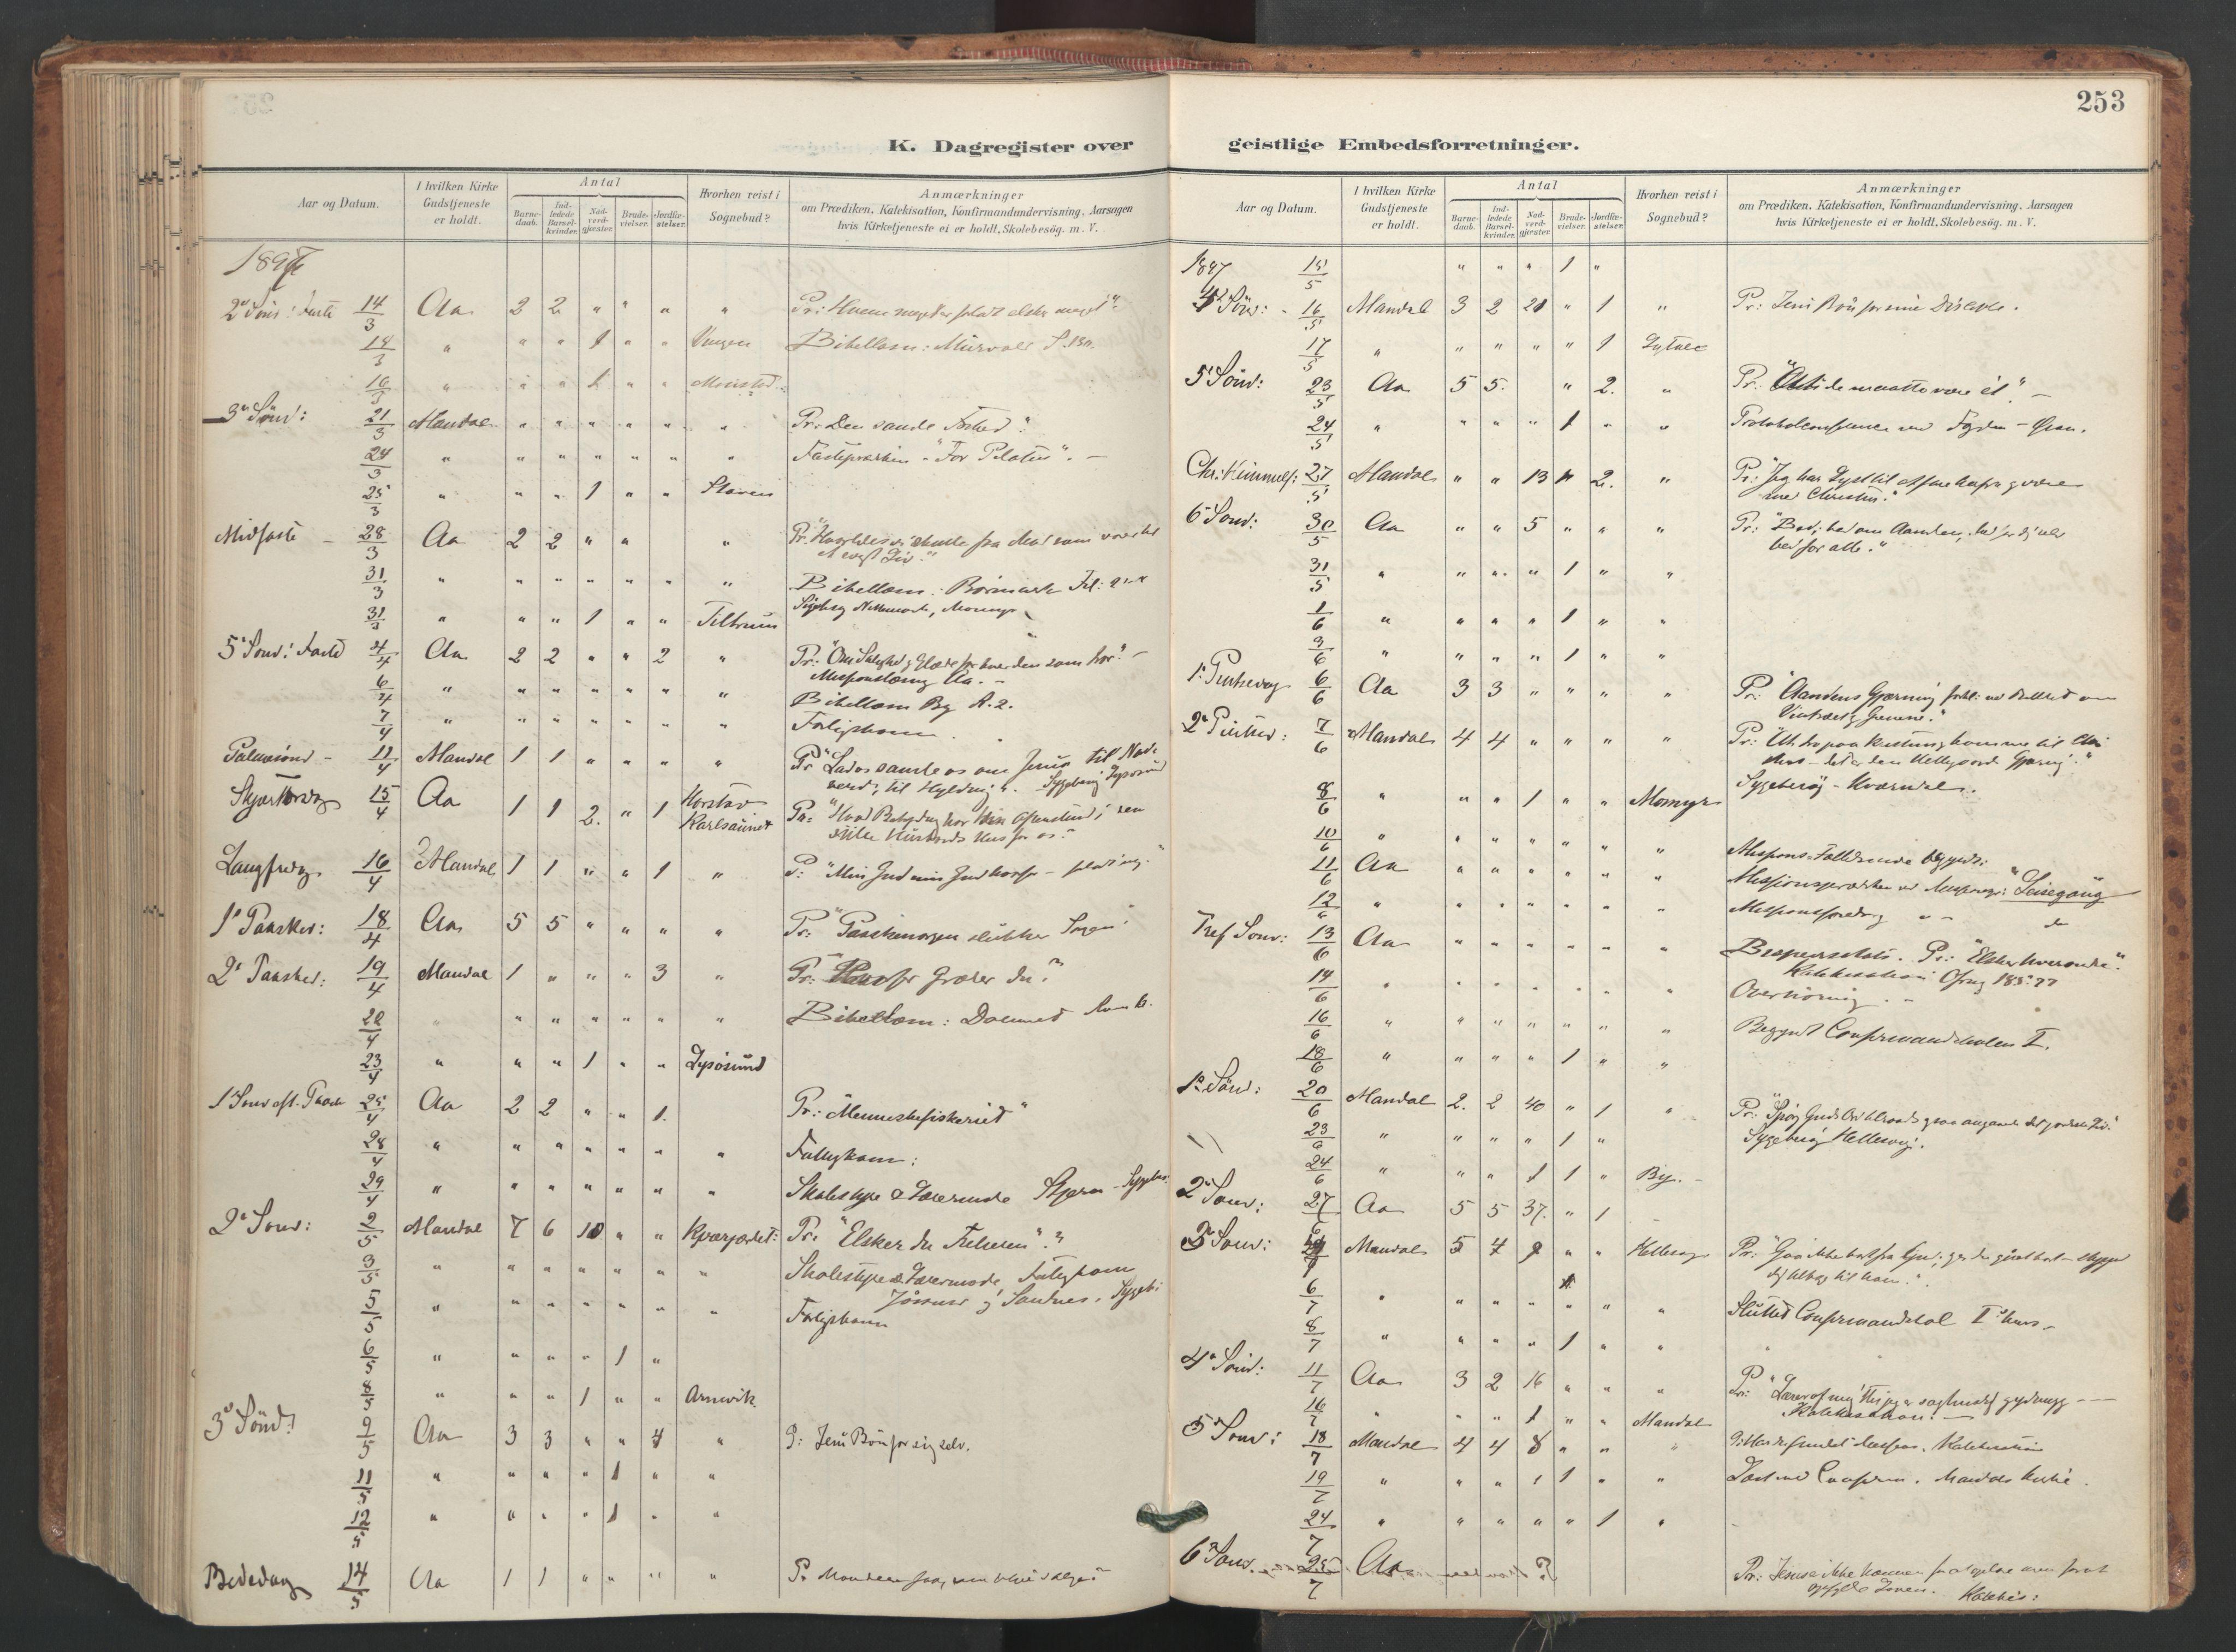 SAT, Ministerialprotokoller, klokkerbøker og fødselsregistre - Sør-Trøndelag, 655/L0681: Ministerialbok nr. 655A10, 1895-1907, s. 253